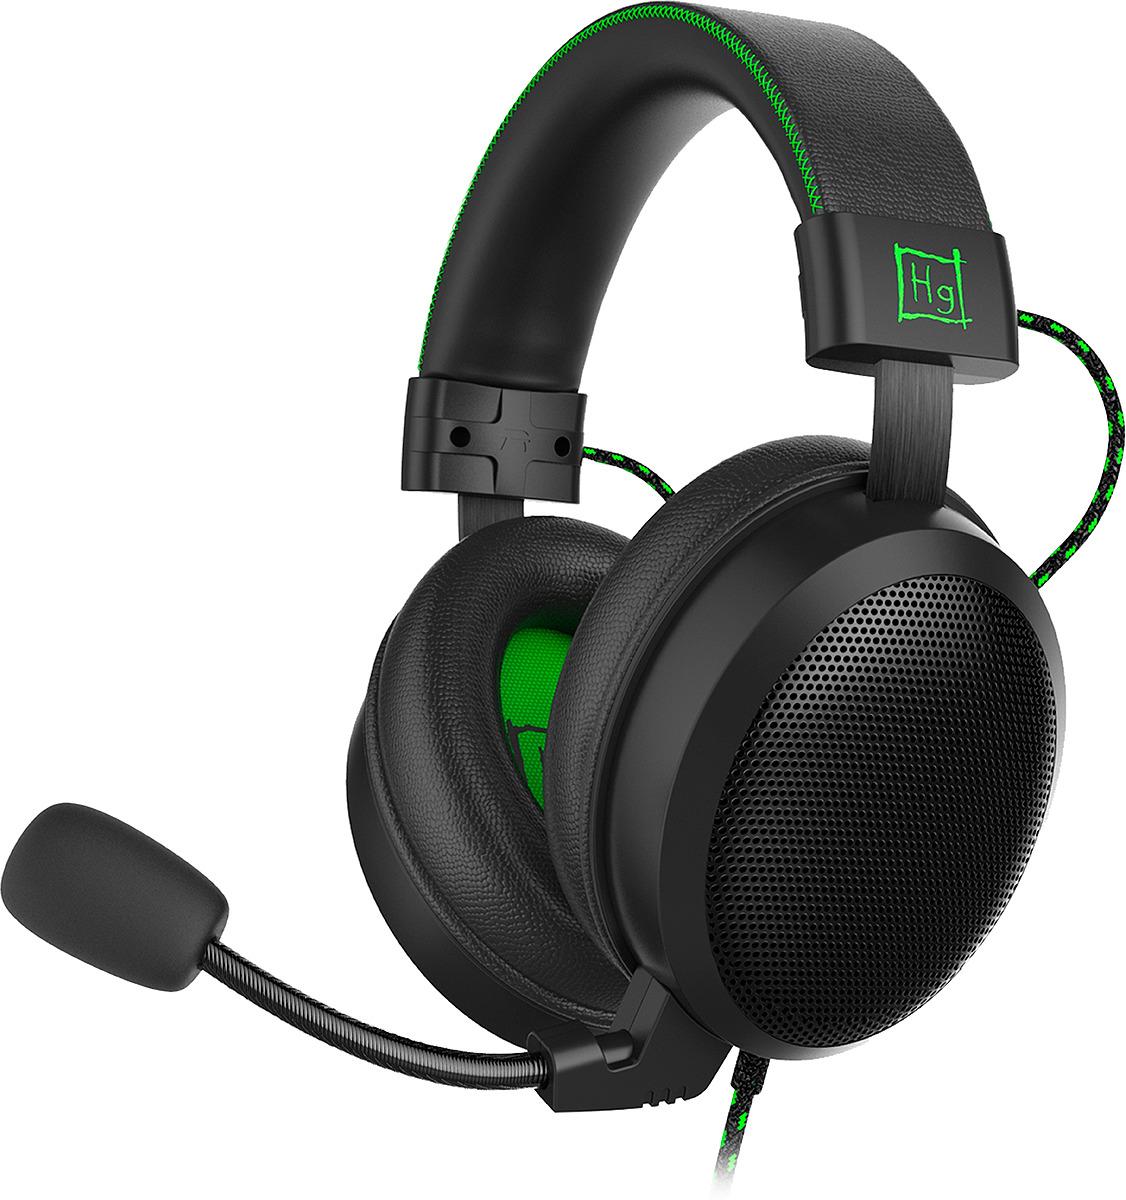 Игровые наушники Harper Gaming Master, GHS-X20, черный, зеленый